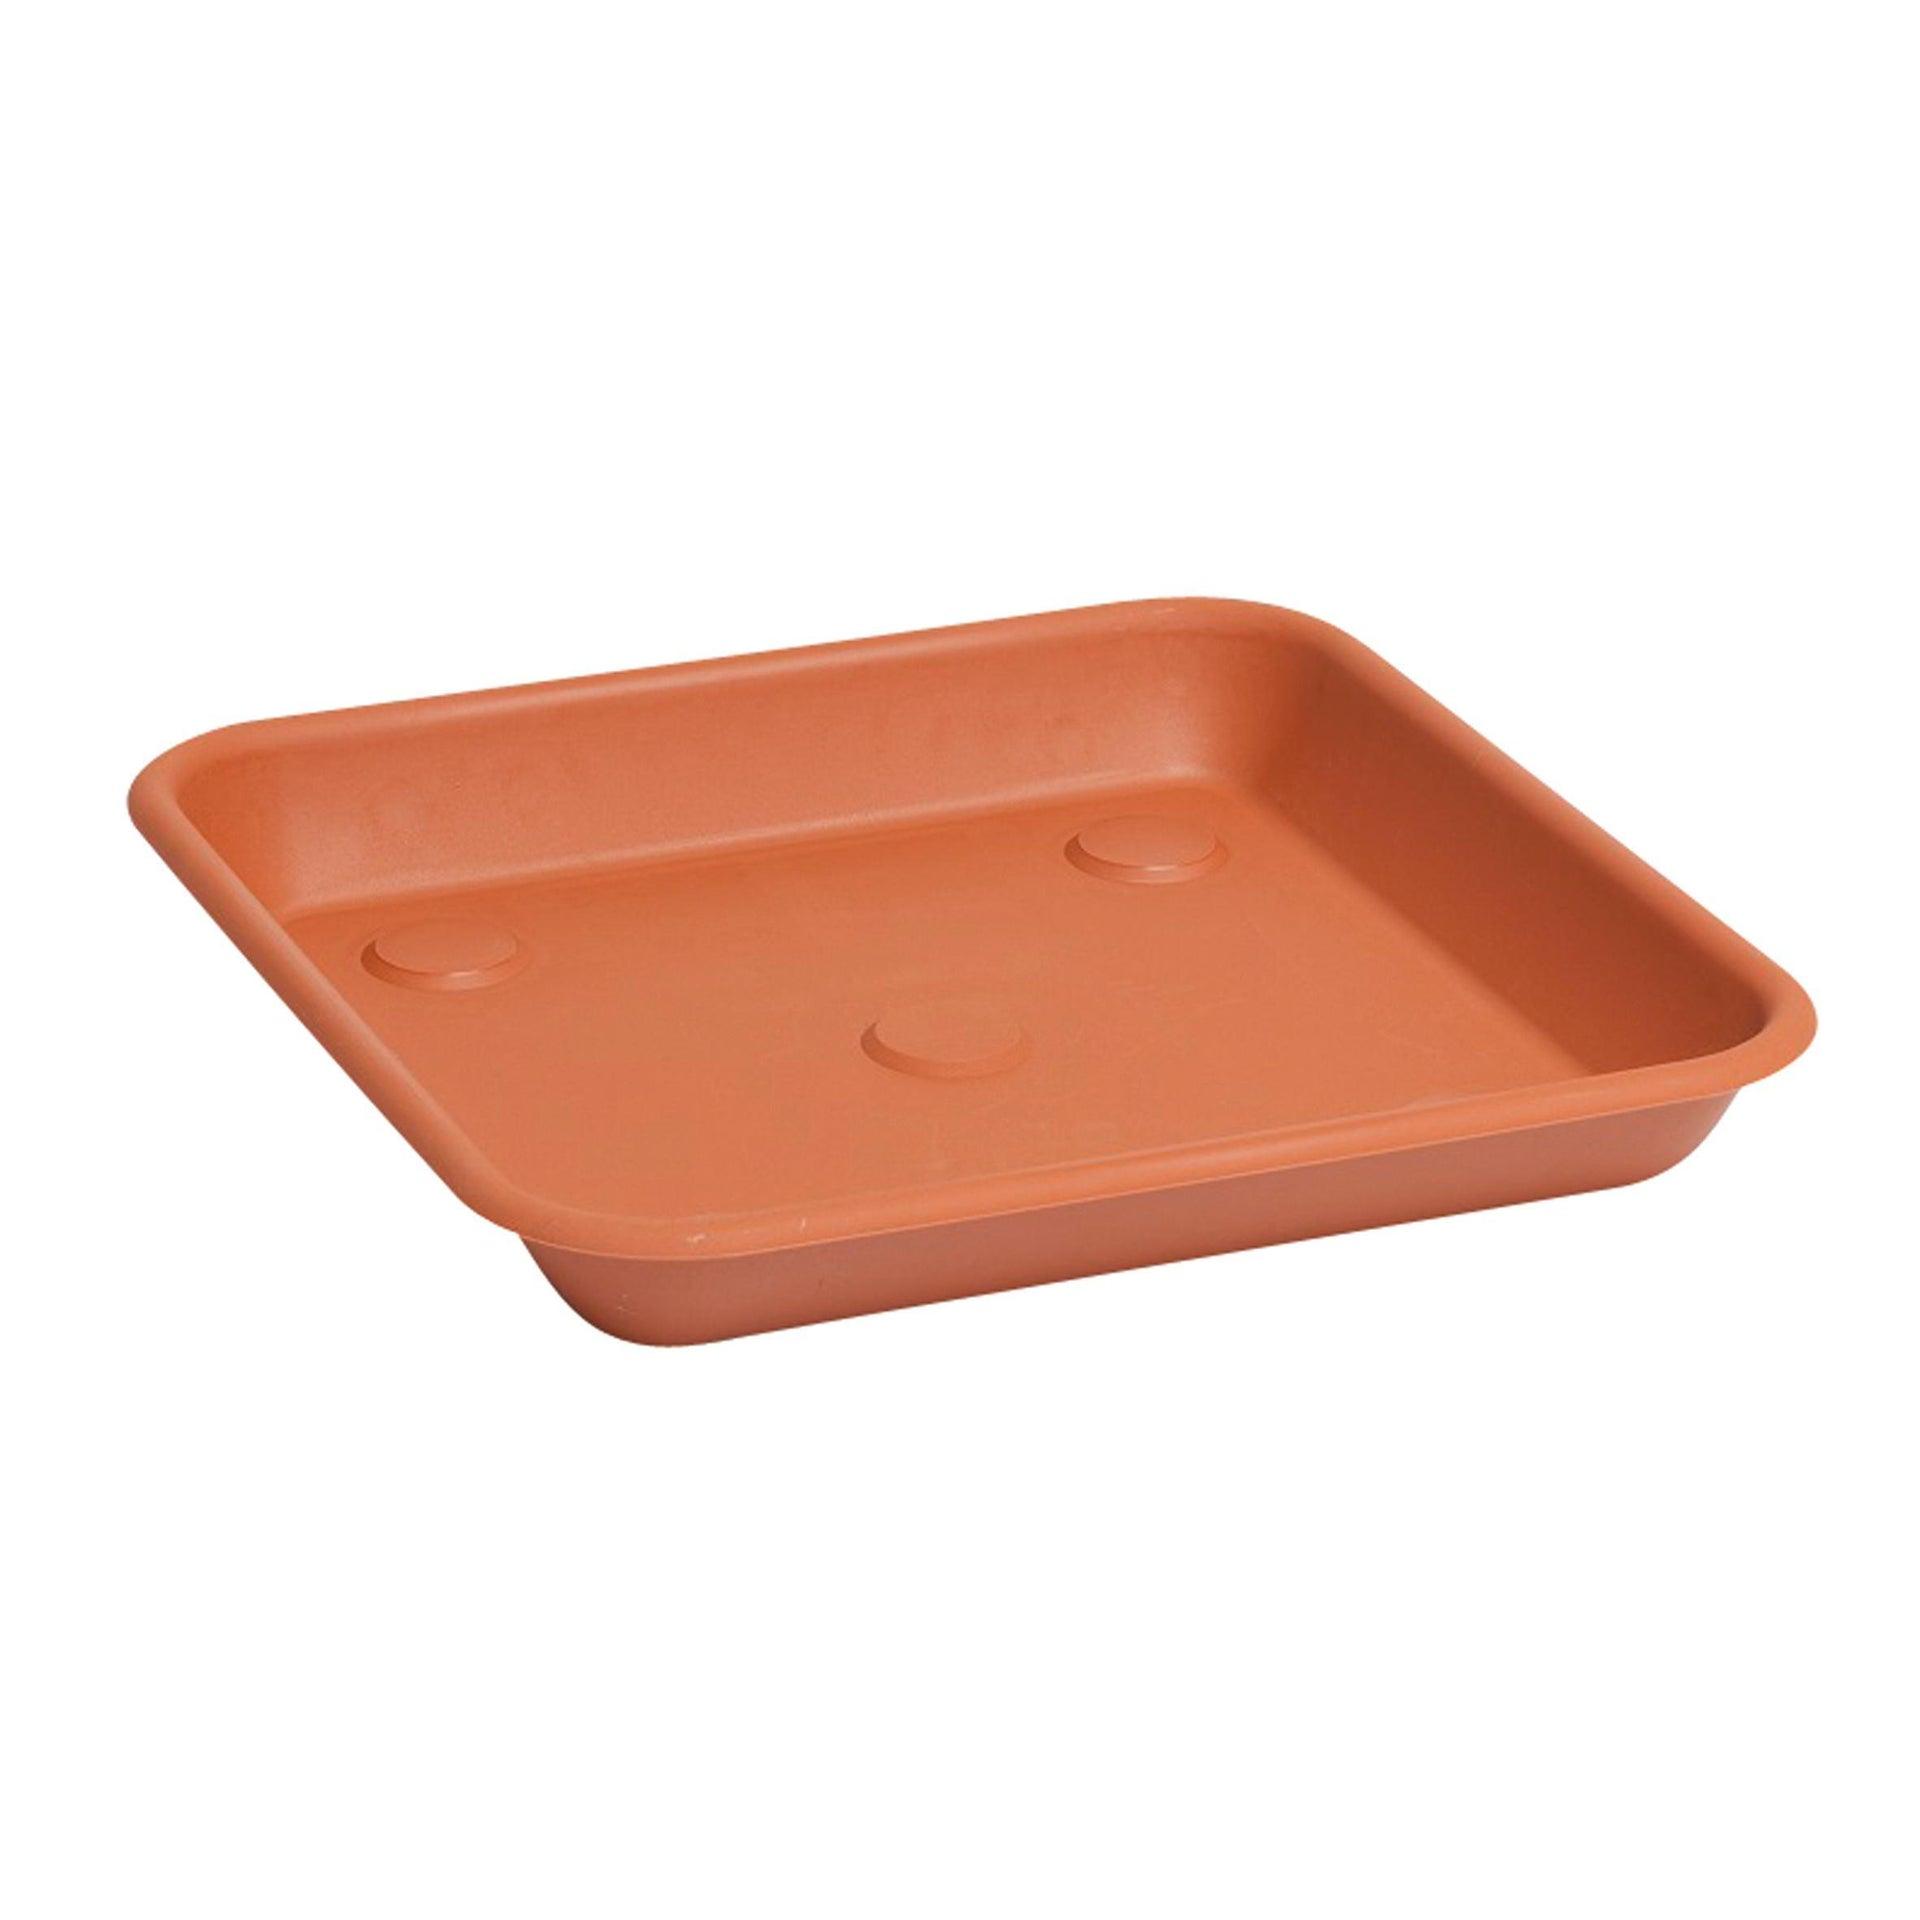 Sottovaso in plastica colore cotto Omnia P 30 x L 30 cm